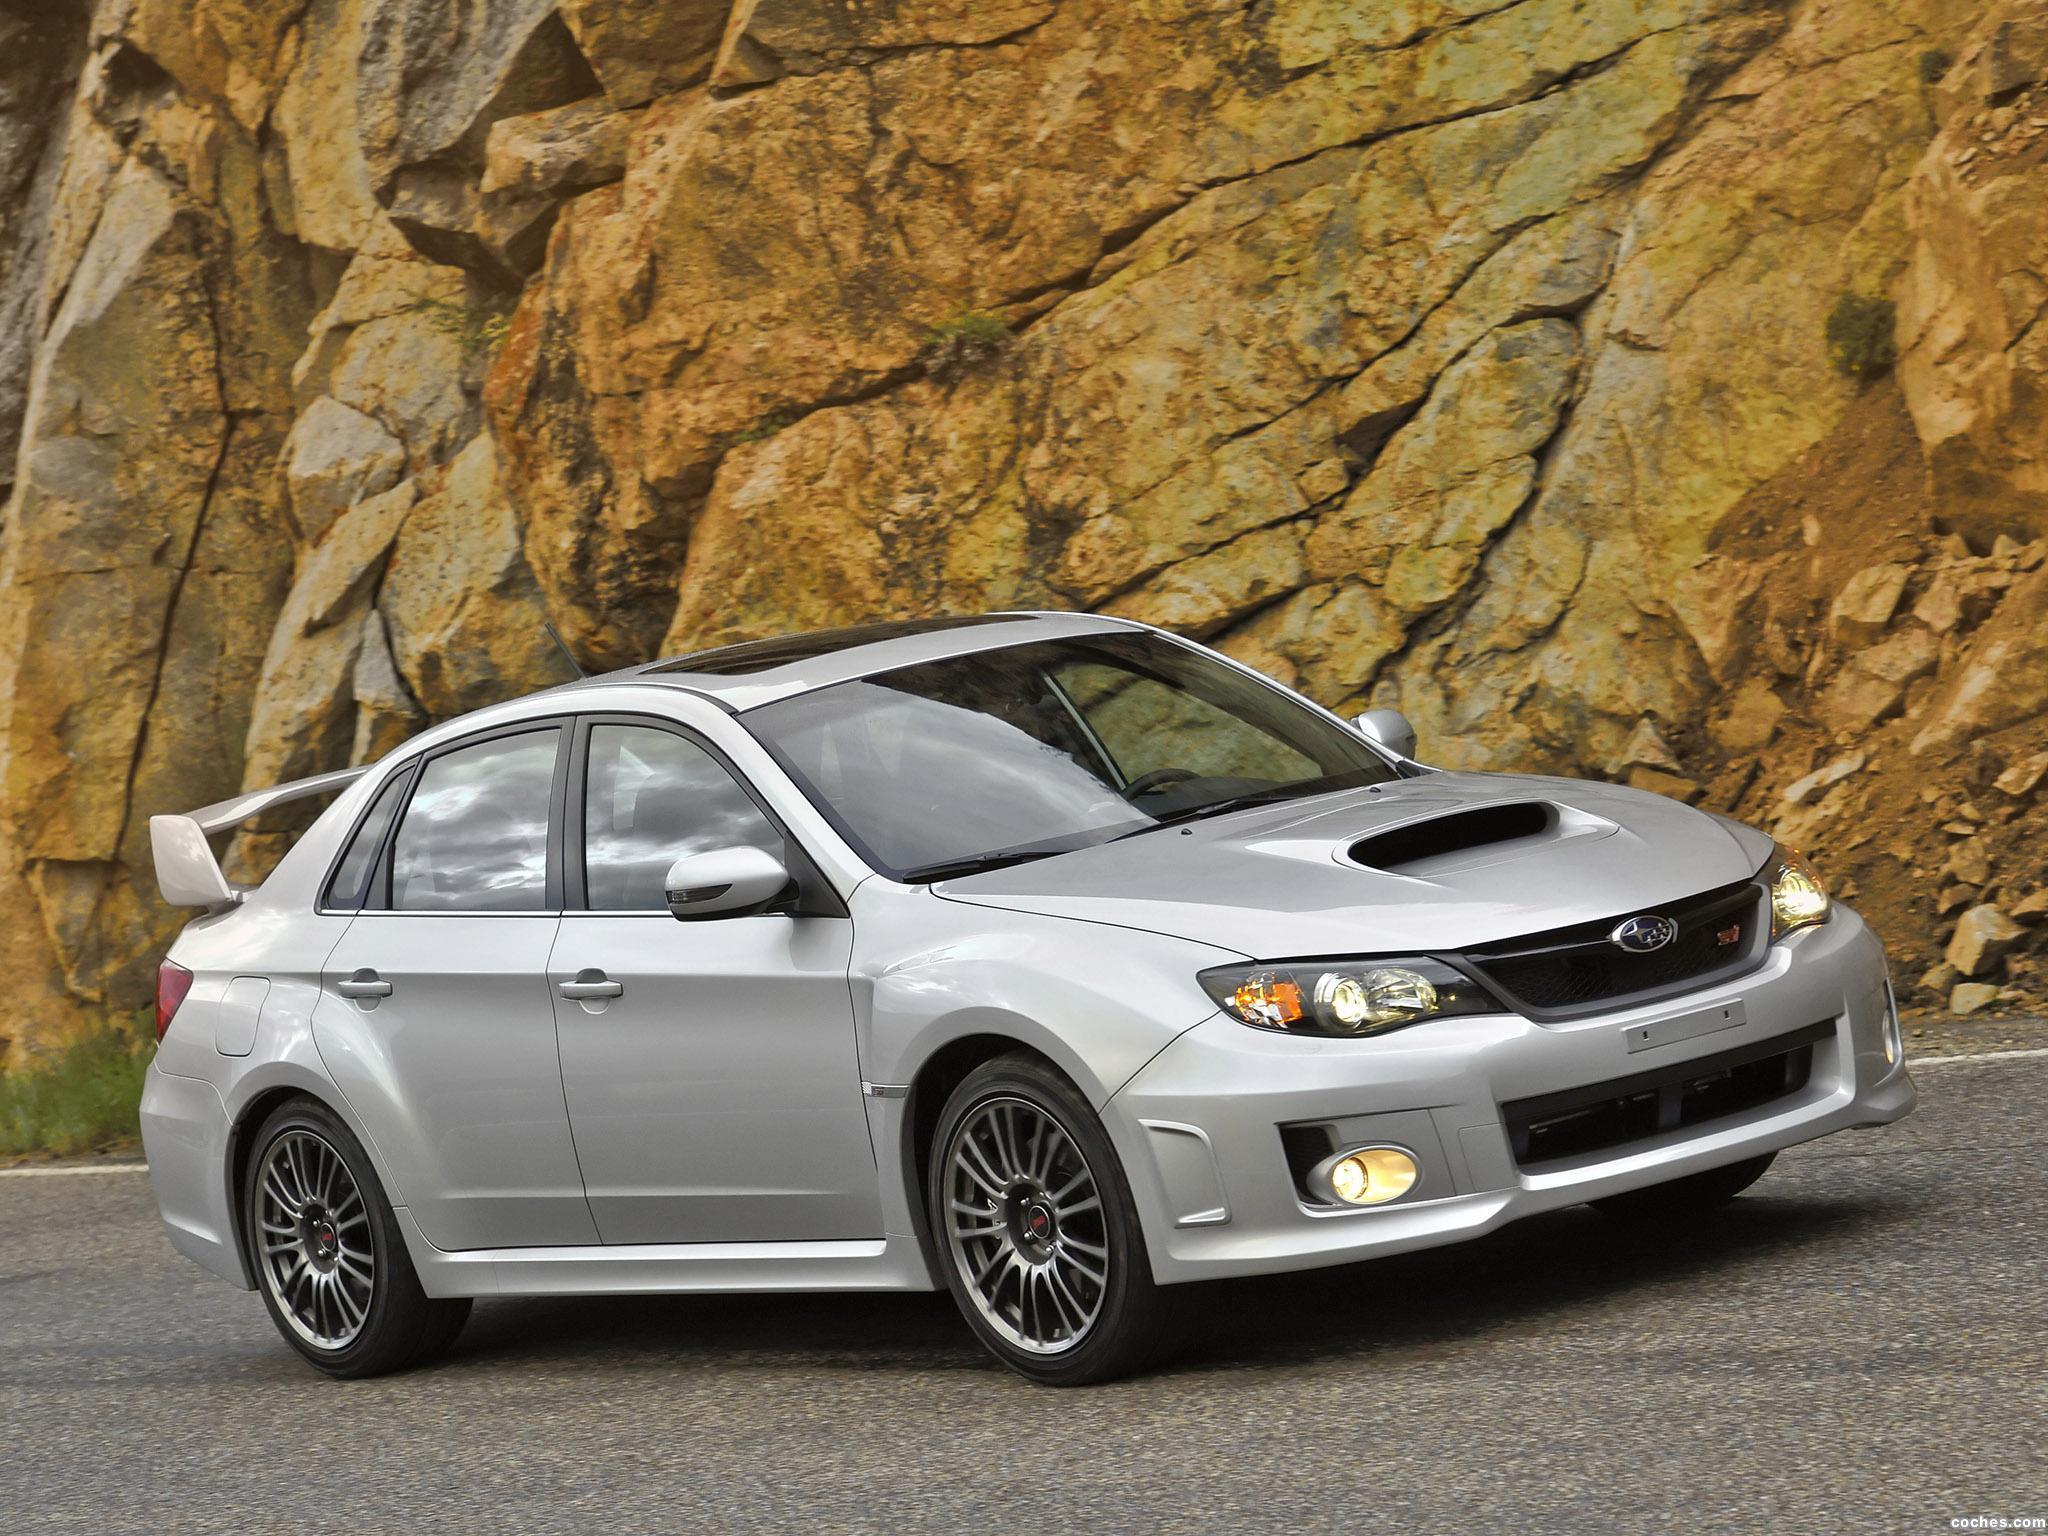 Foto 12 de Subaru Impreza WRX STi Sedan USA 2010